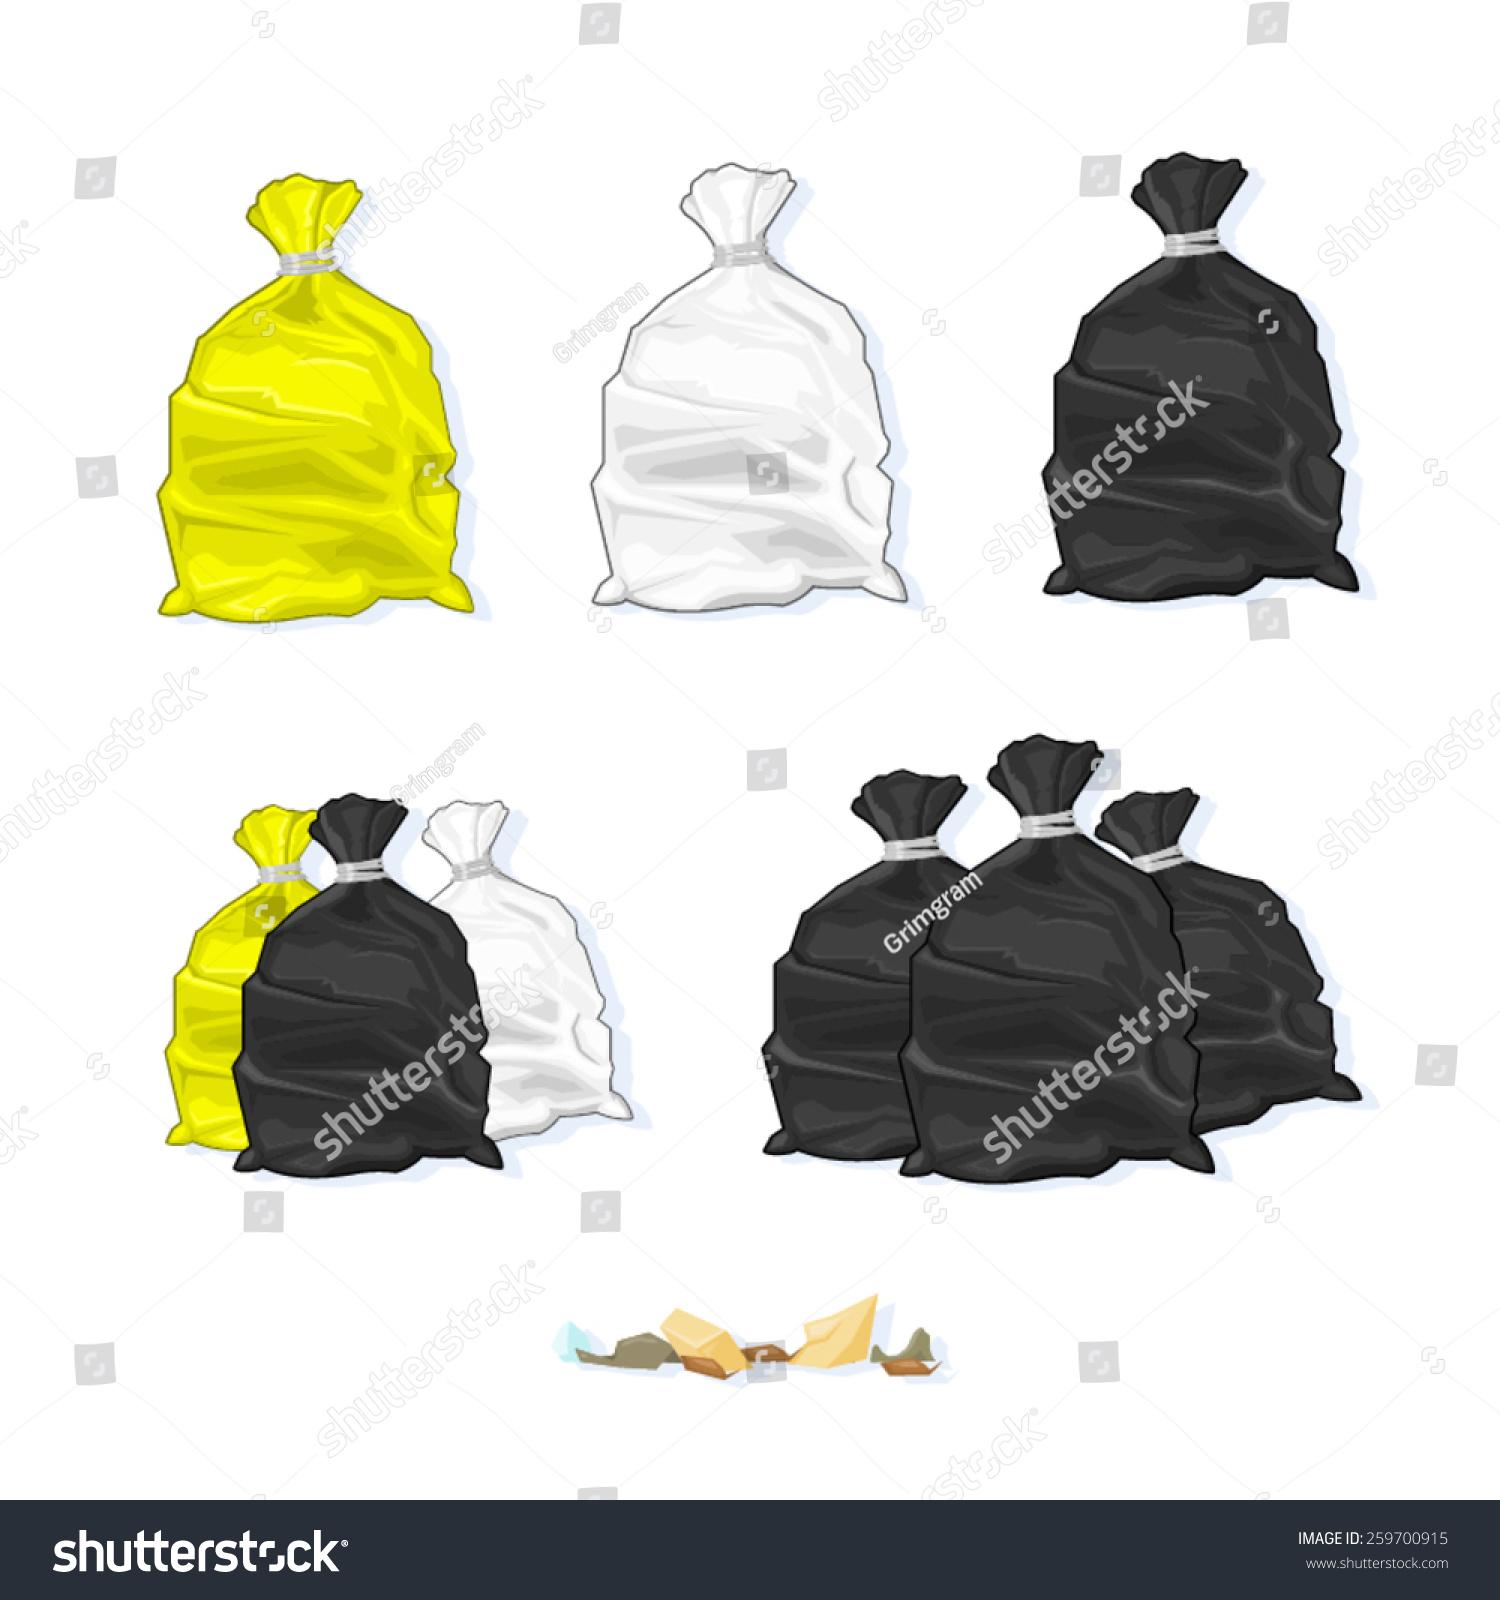 各种全和捆绑的垃圾塑料袋的矢量图.垃圾袋.塑料垃圾.